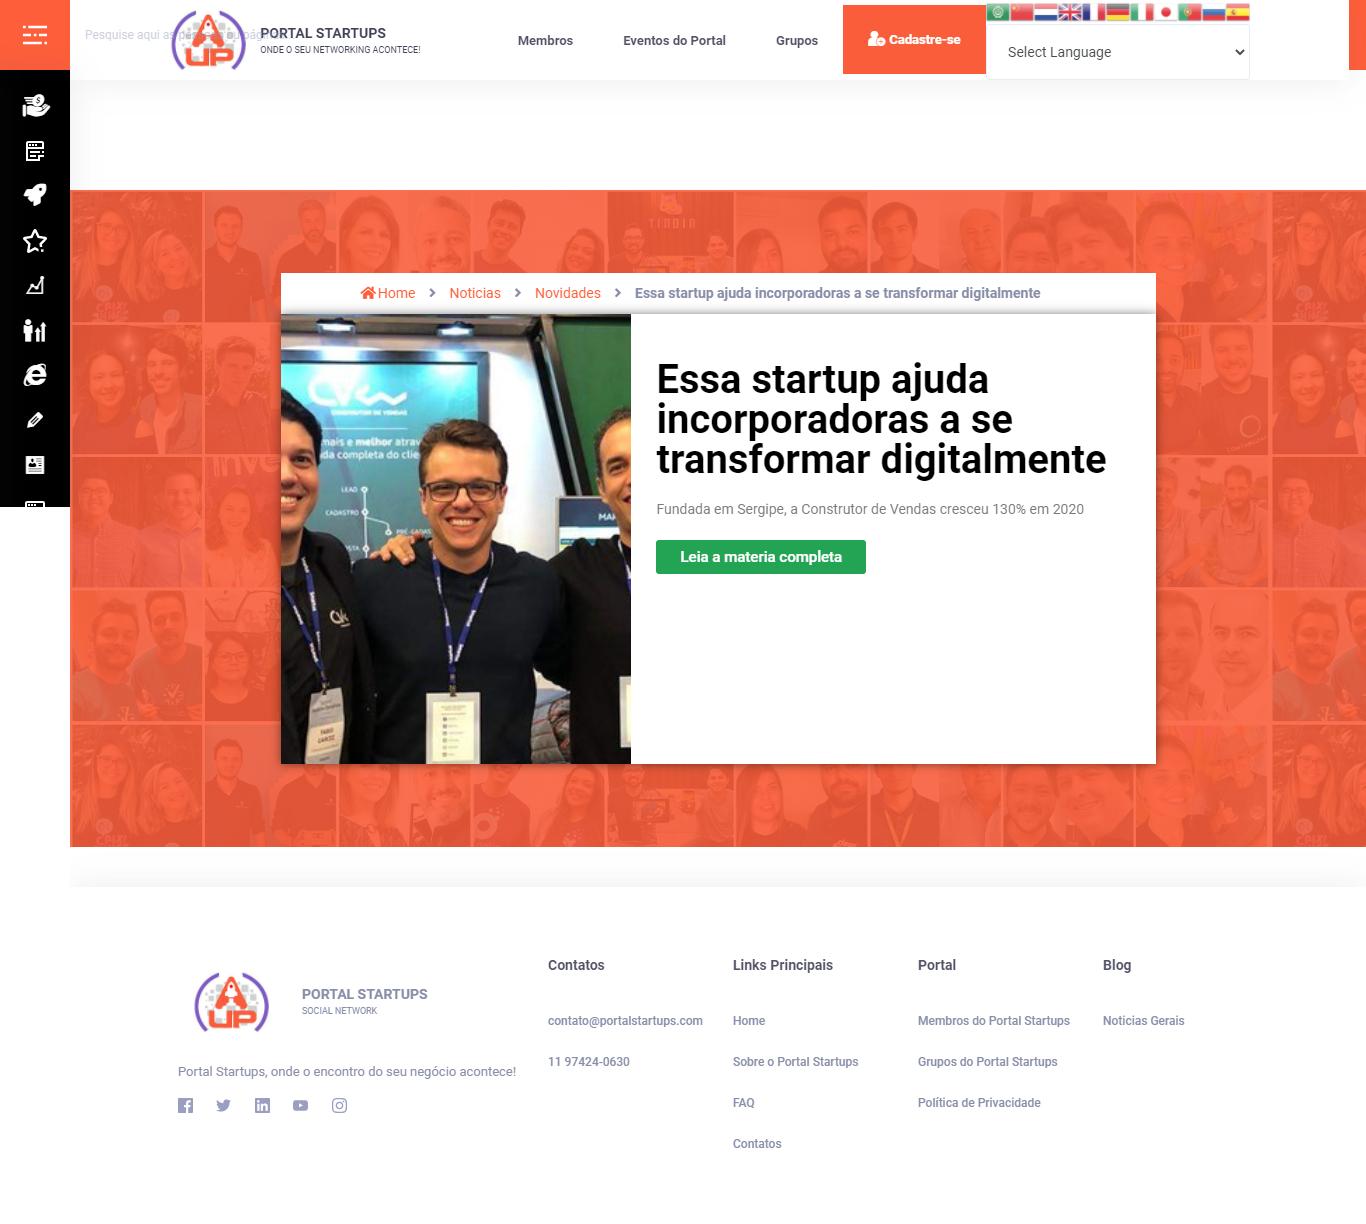 Essa startup ajuda incorporadoras a se transformar digitalmente - Portal das Startups